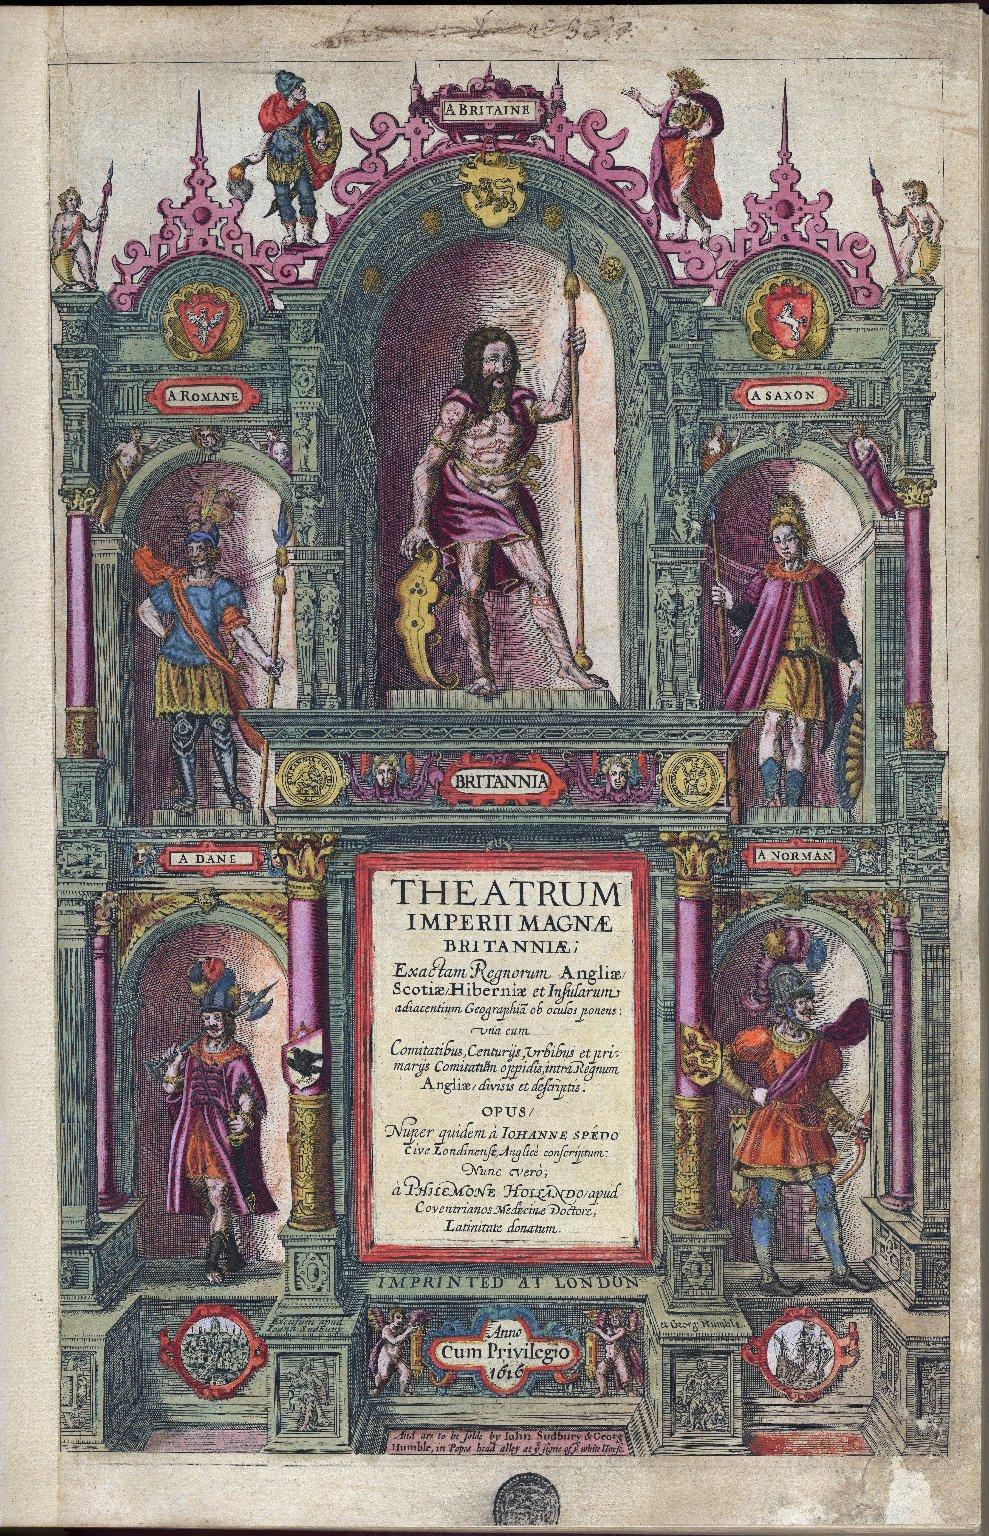 [Theatre of the Empire of Great Britaine] Theatrum imperii Magnae Britanniae ...